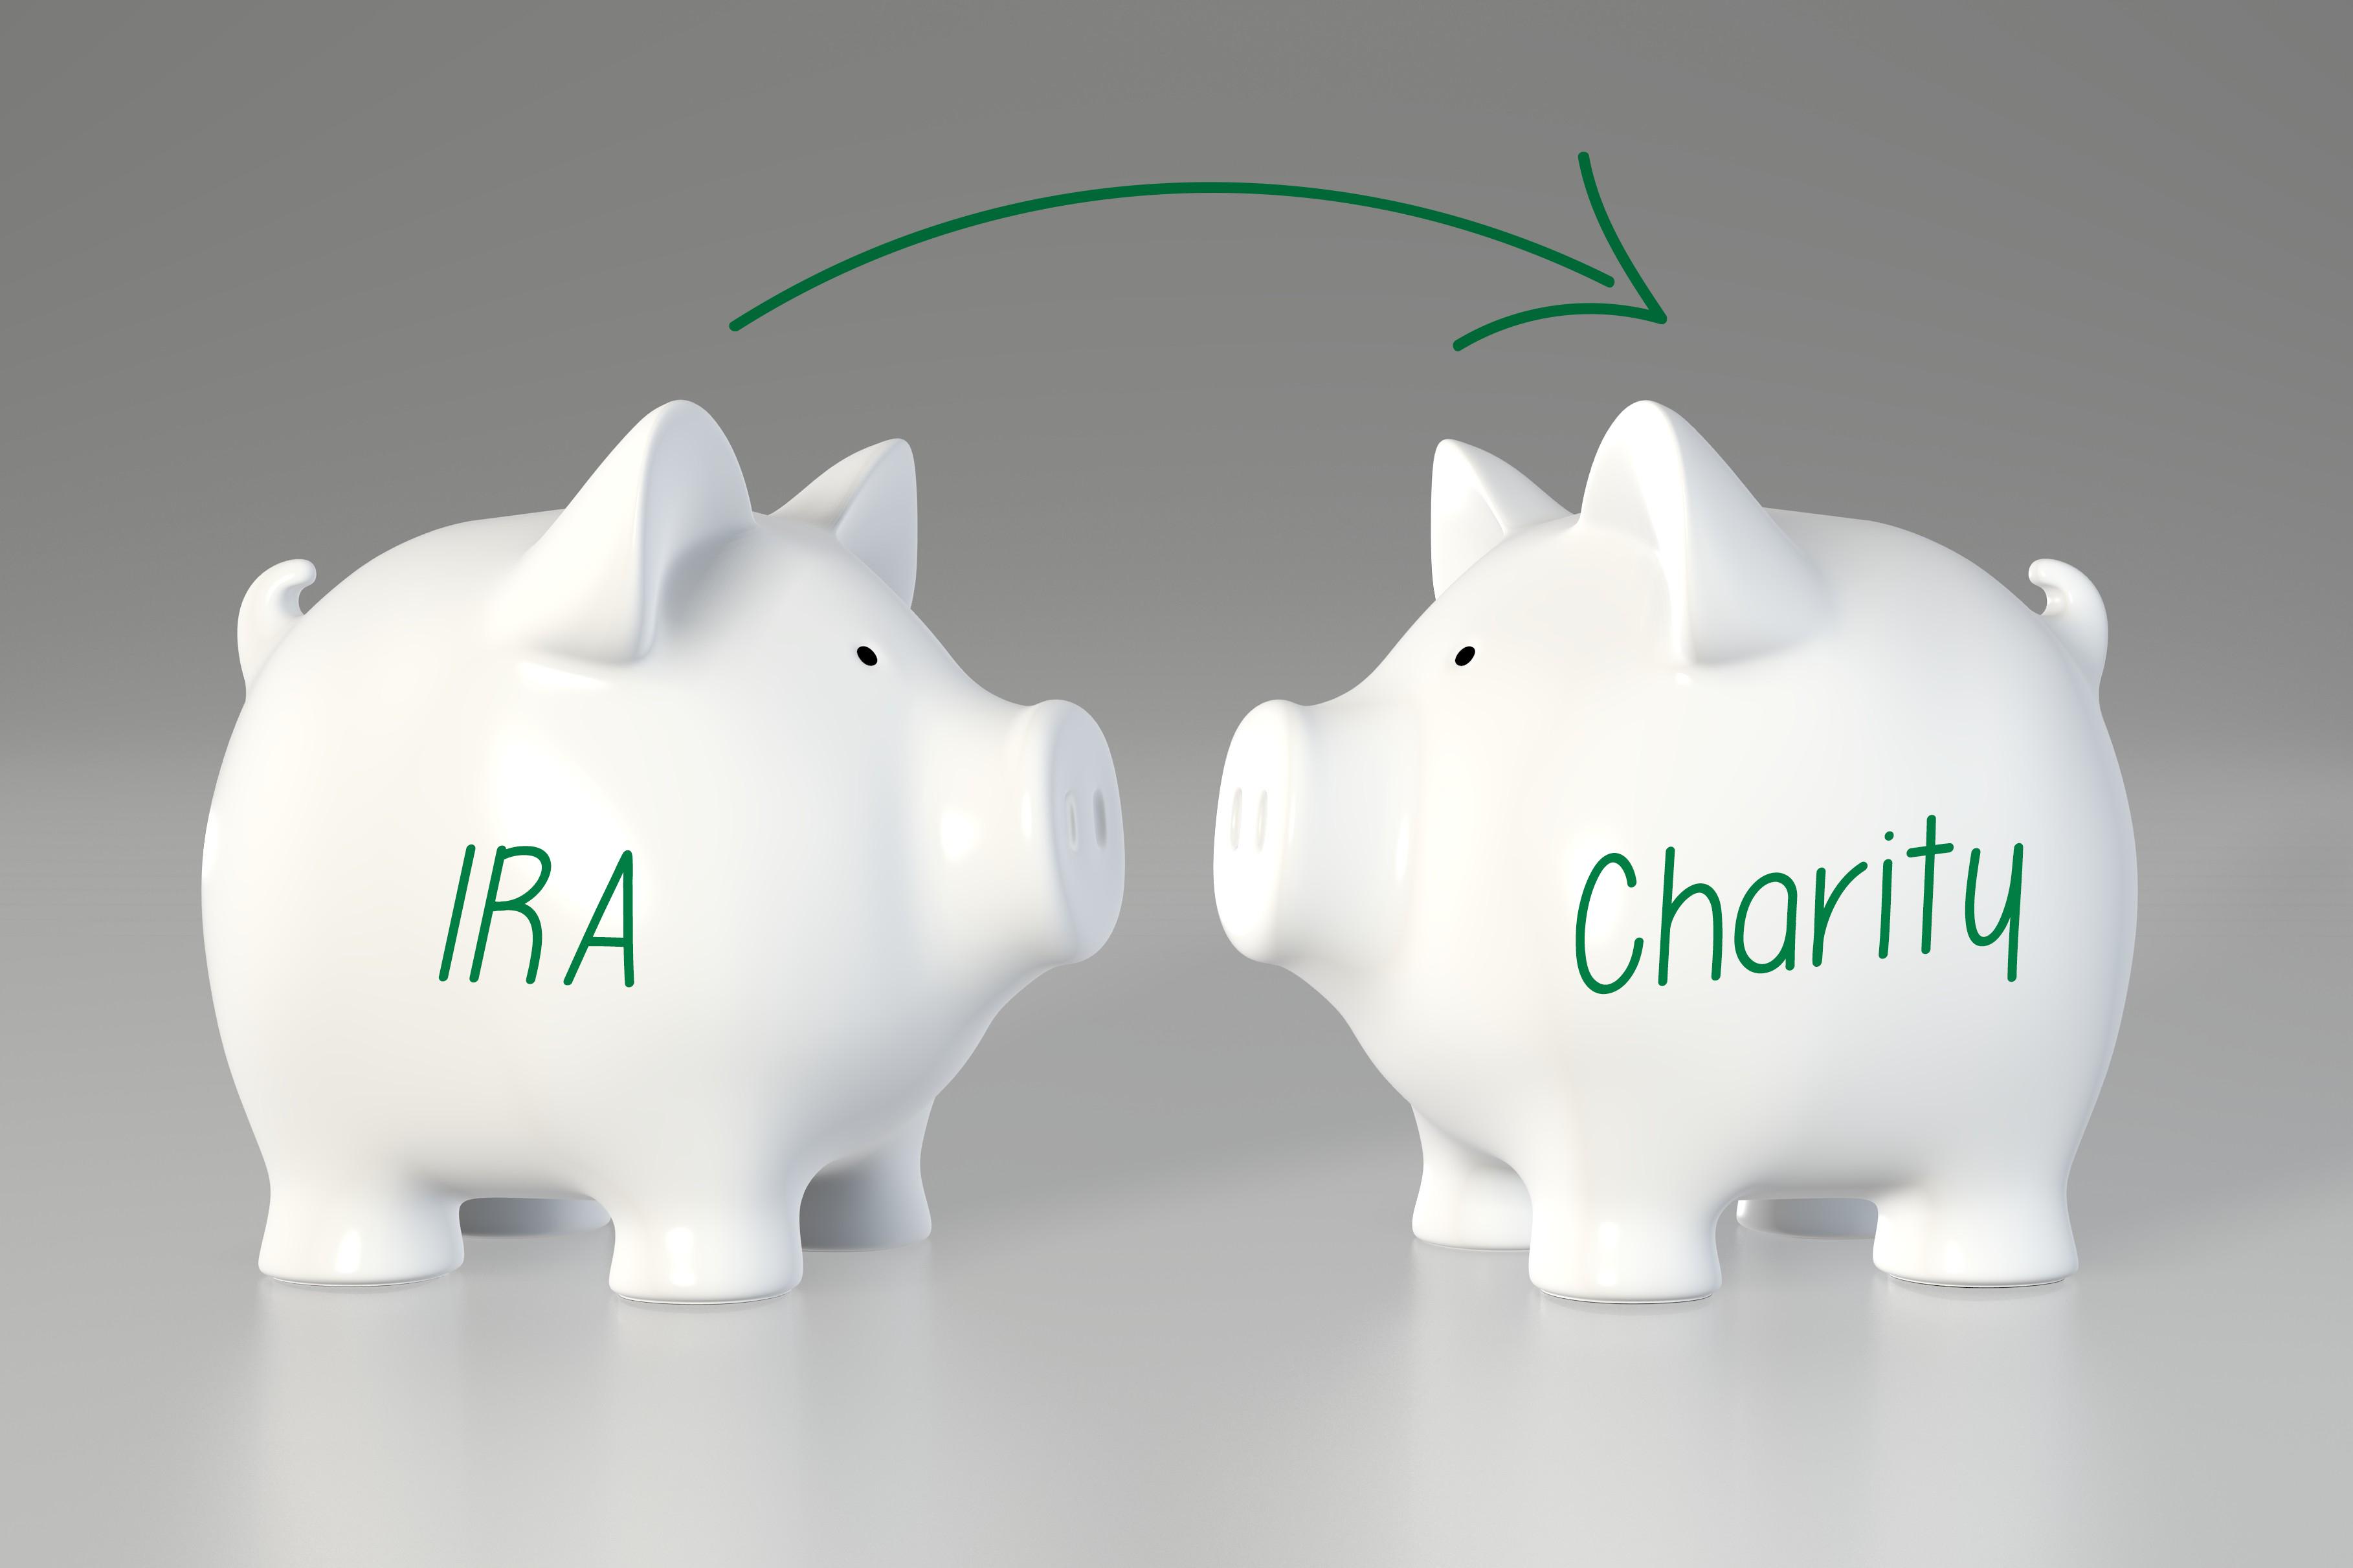 IRA>Charity